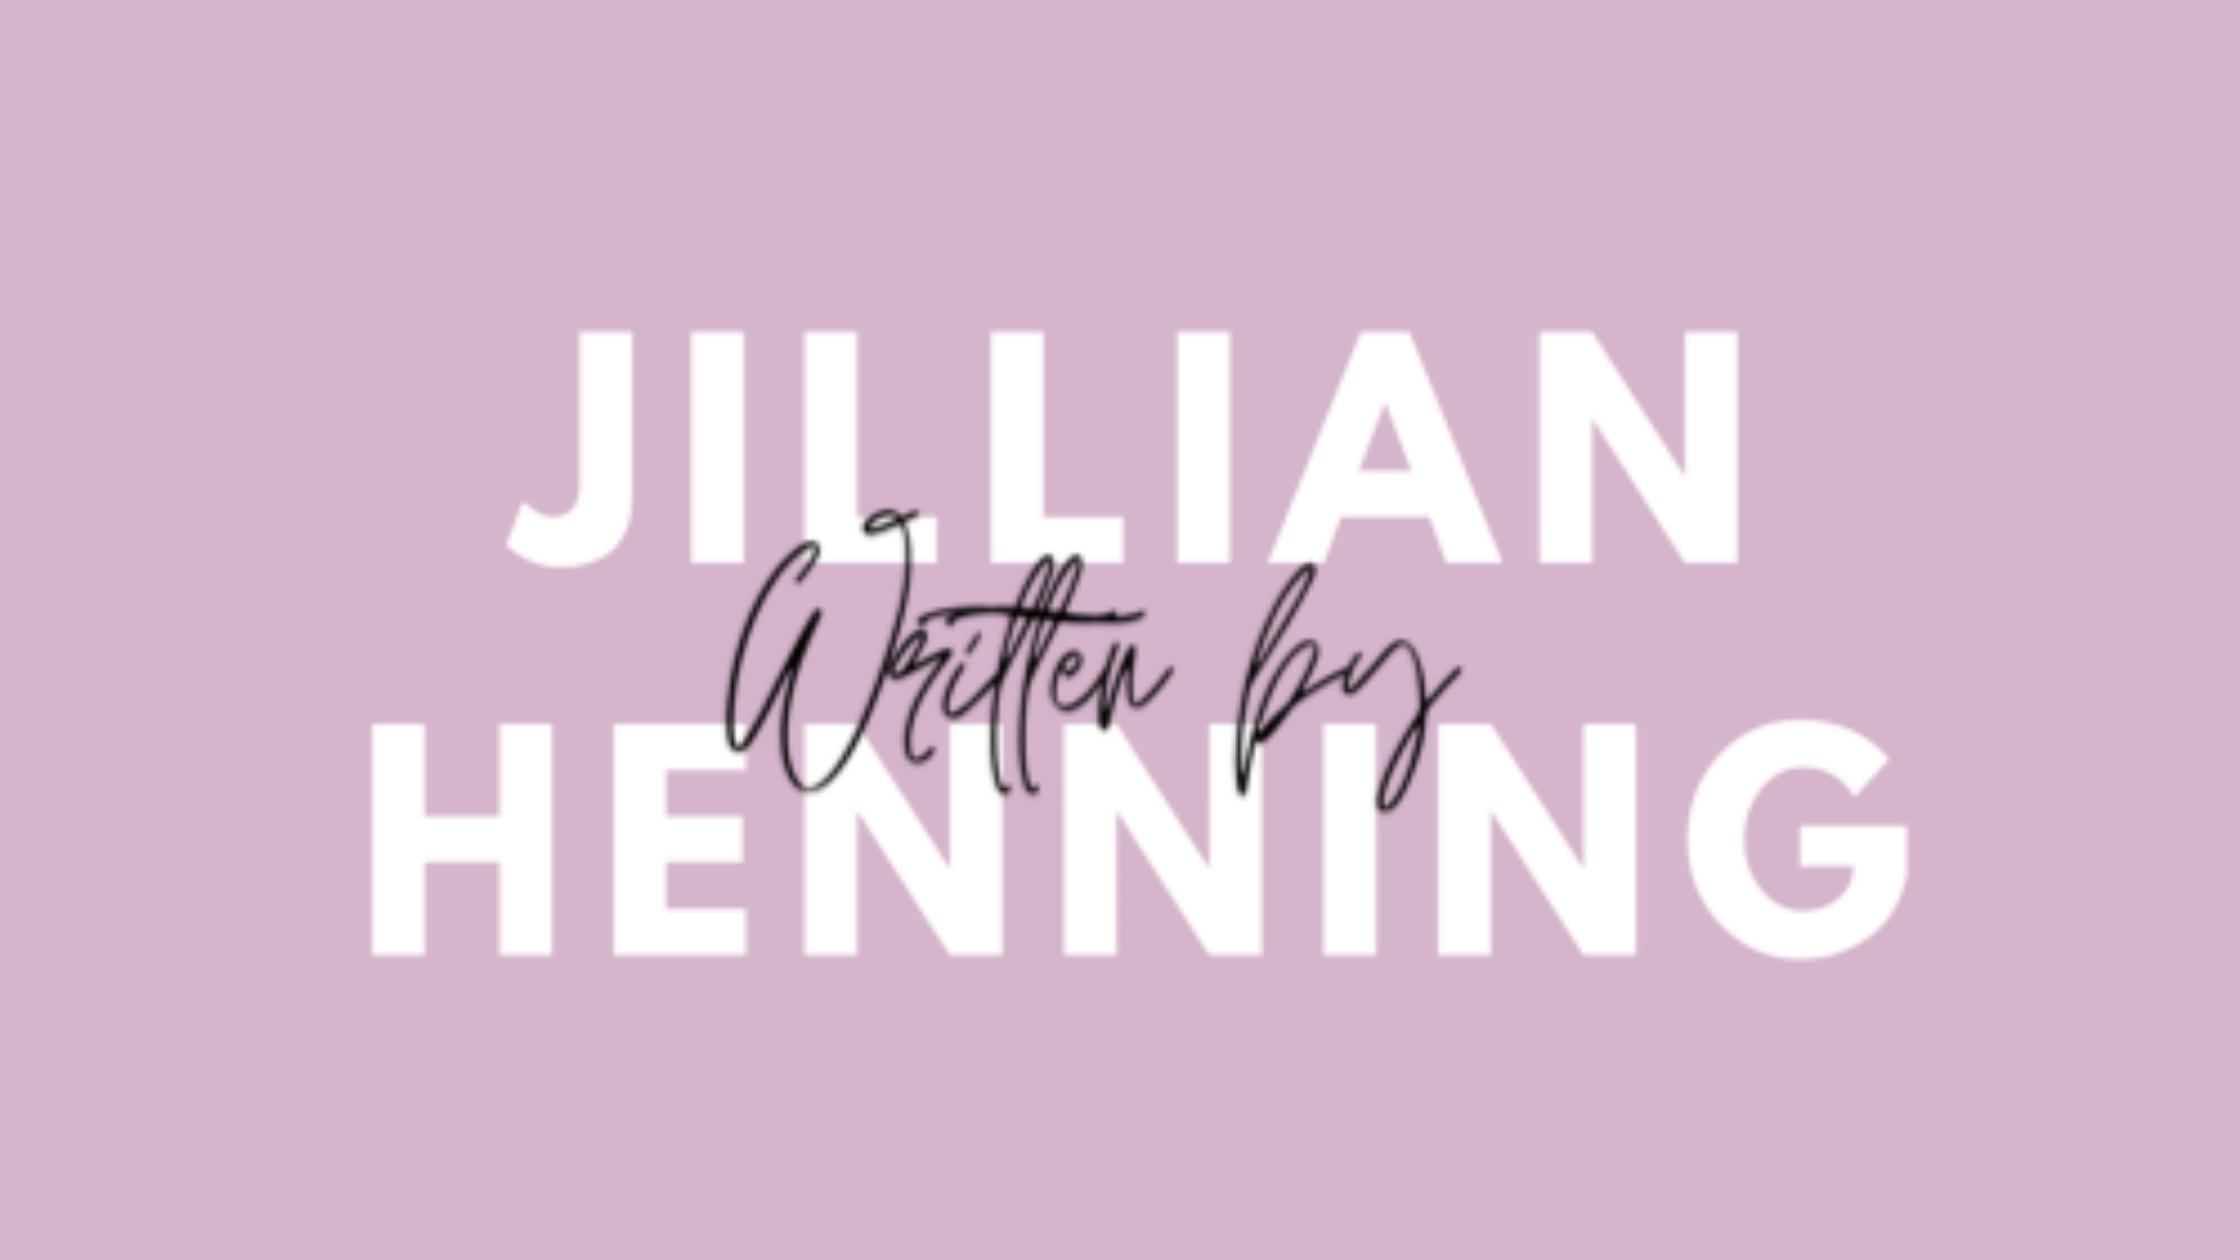 Written by Jillian Henning Content Writer